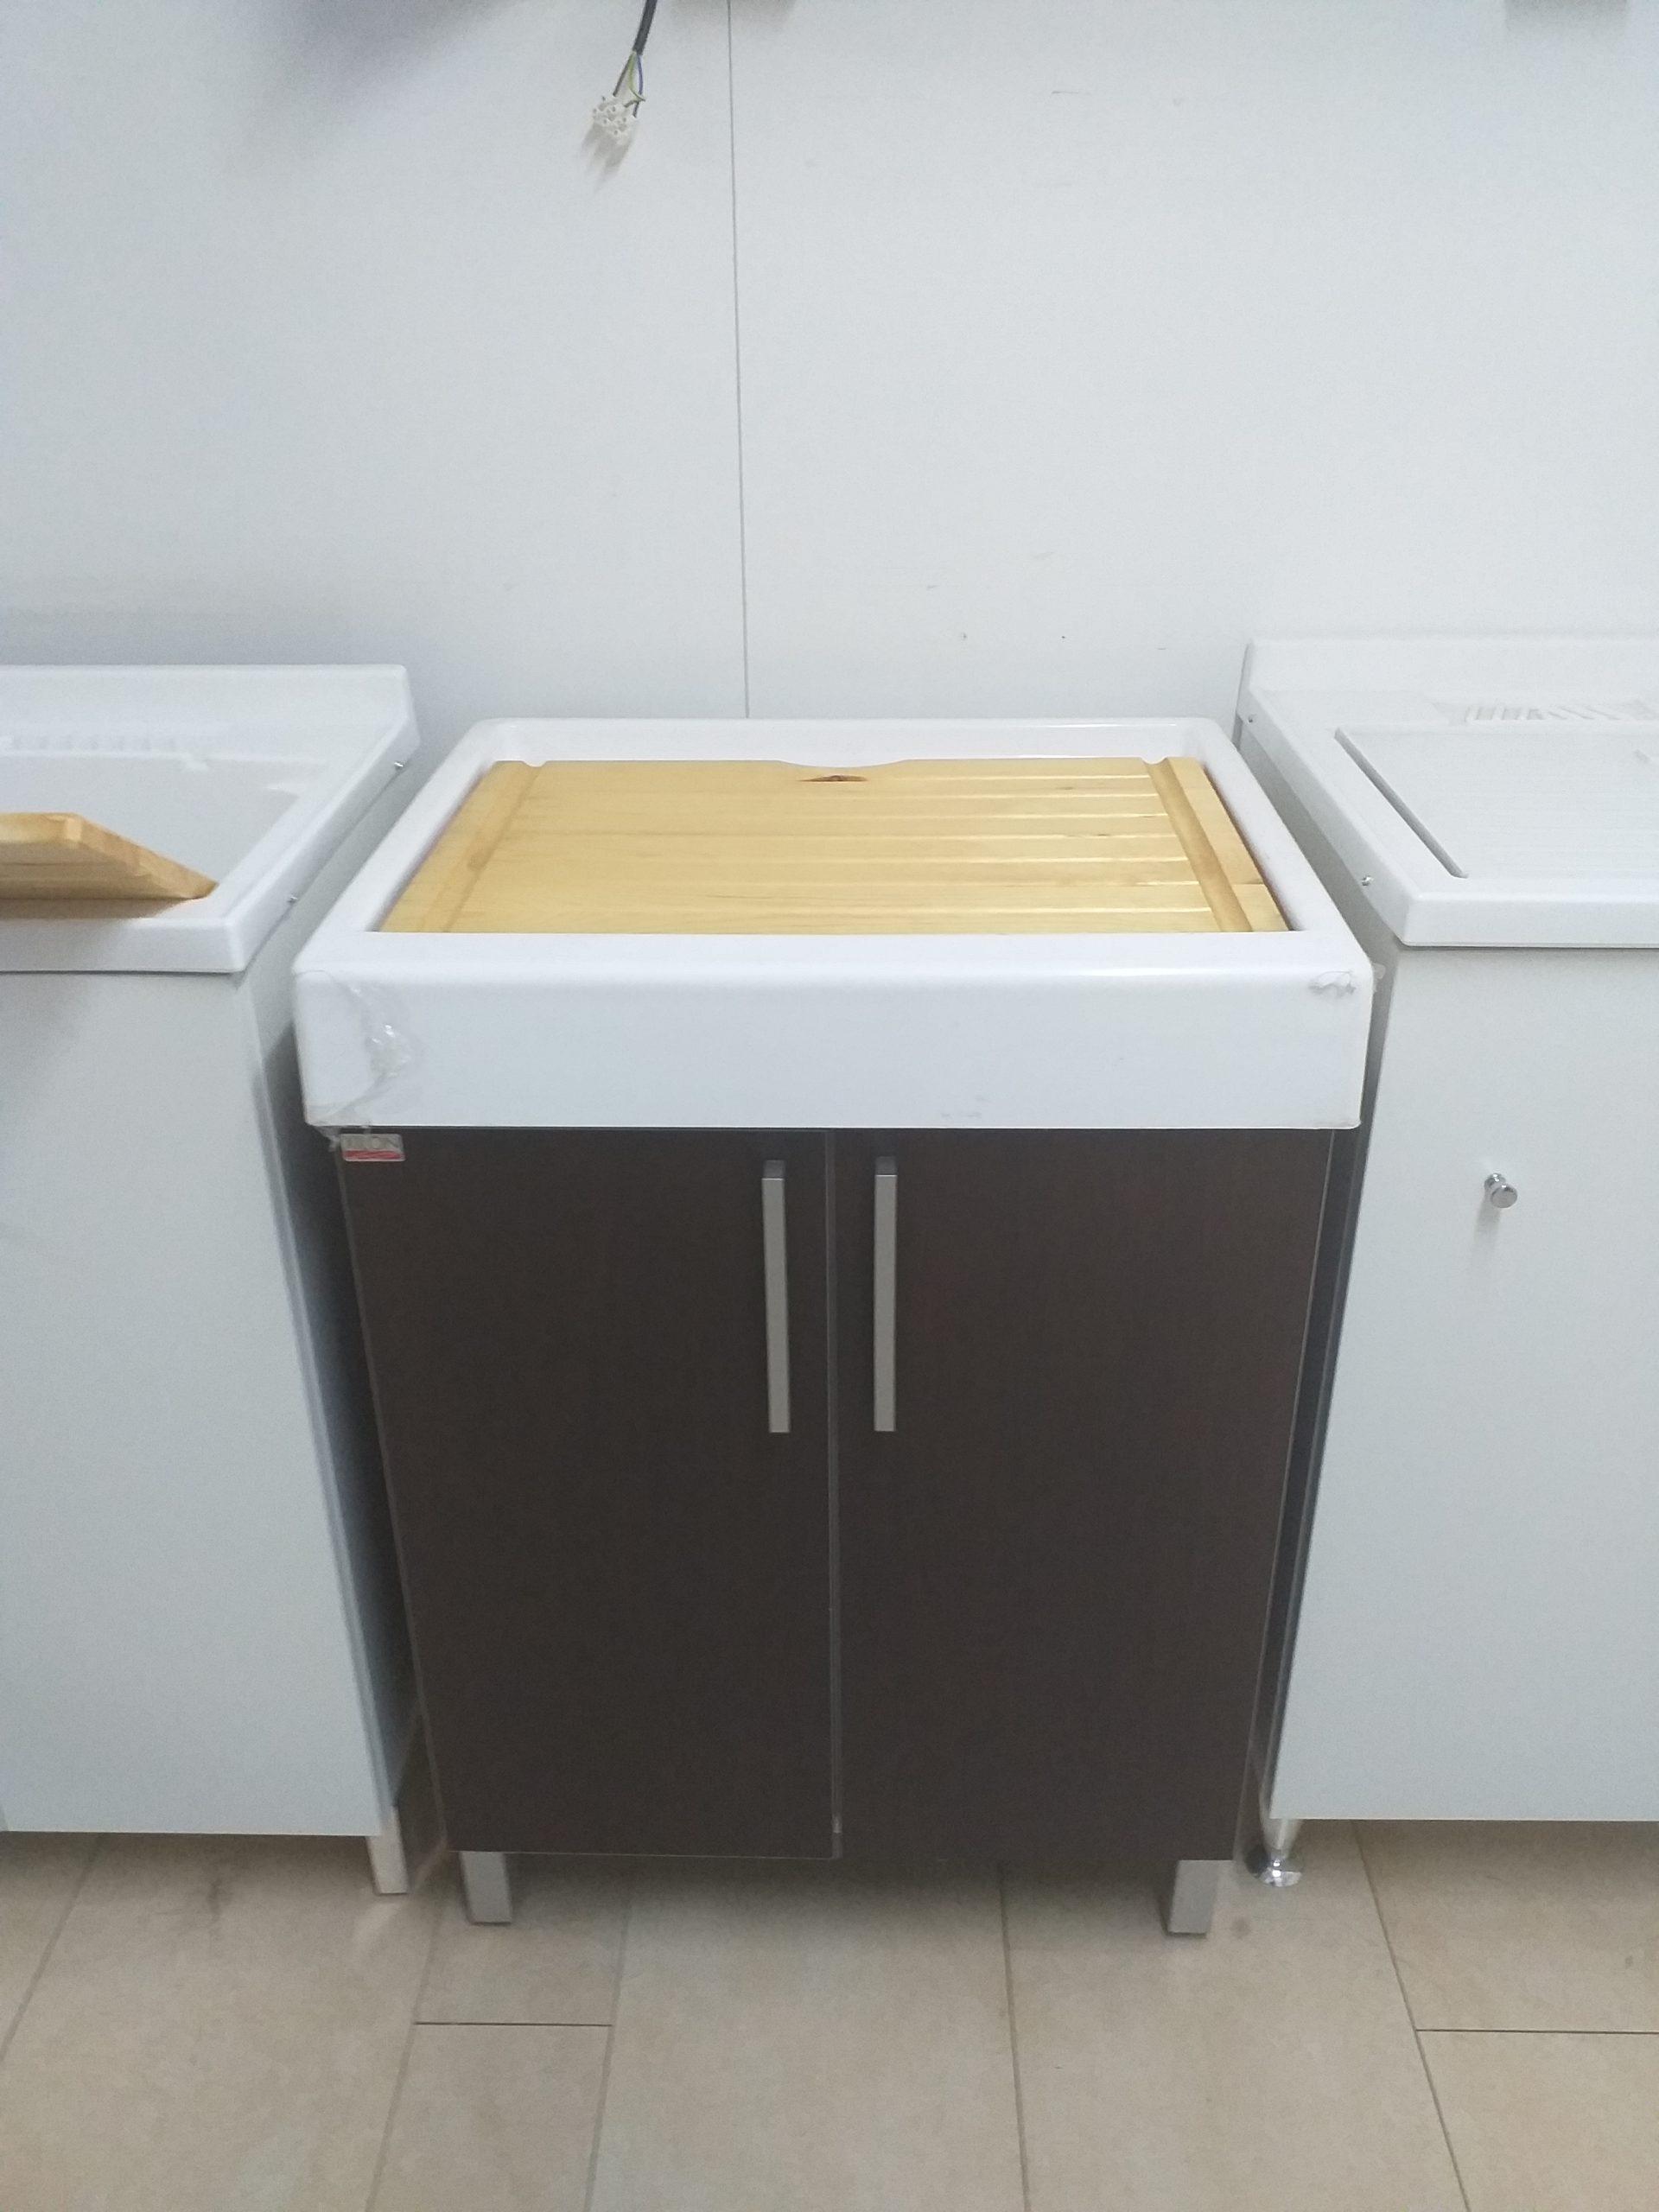 Lavatoio lavanderia